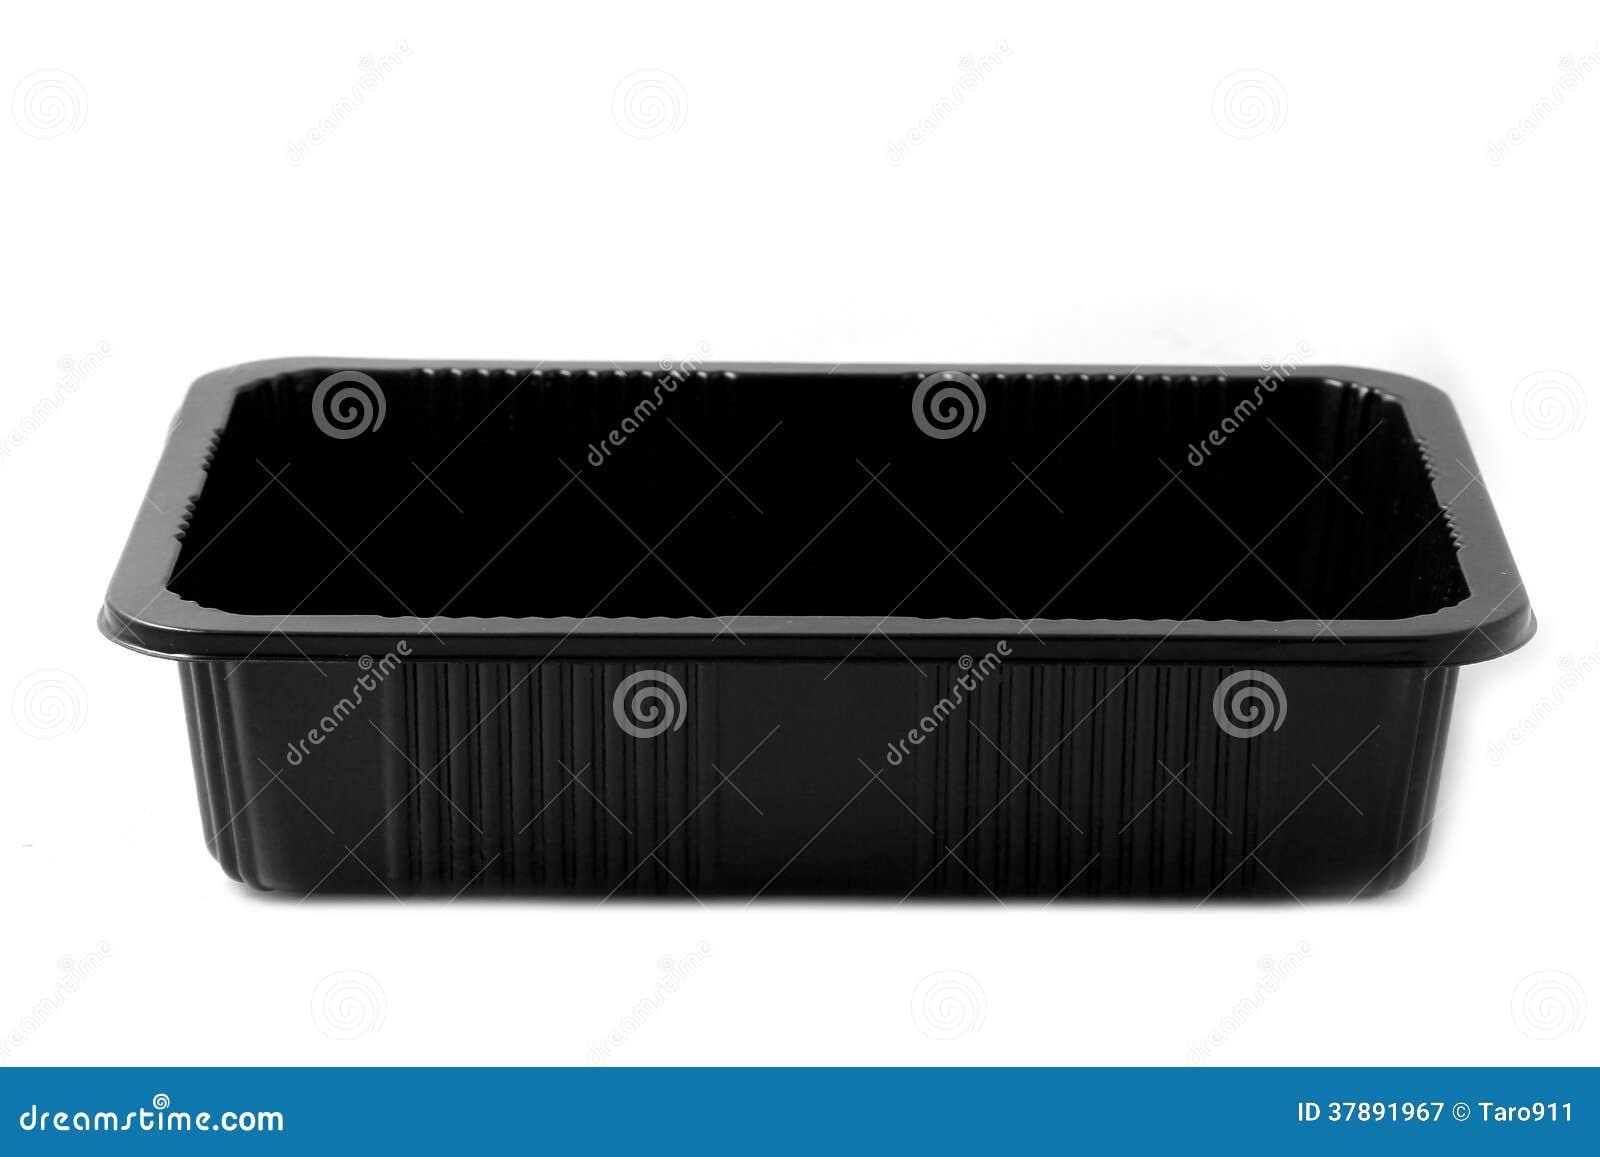 Черный пластмасовый контейнер